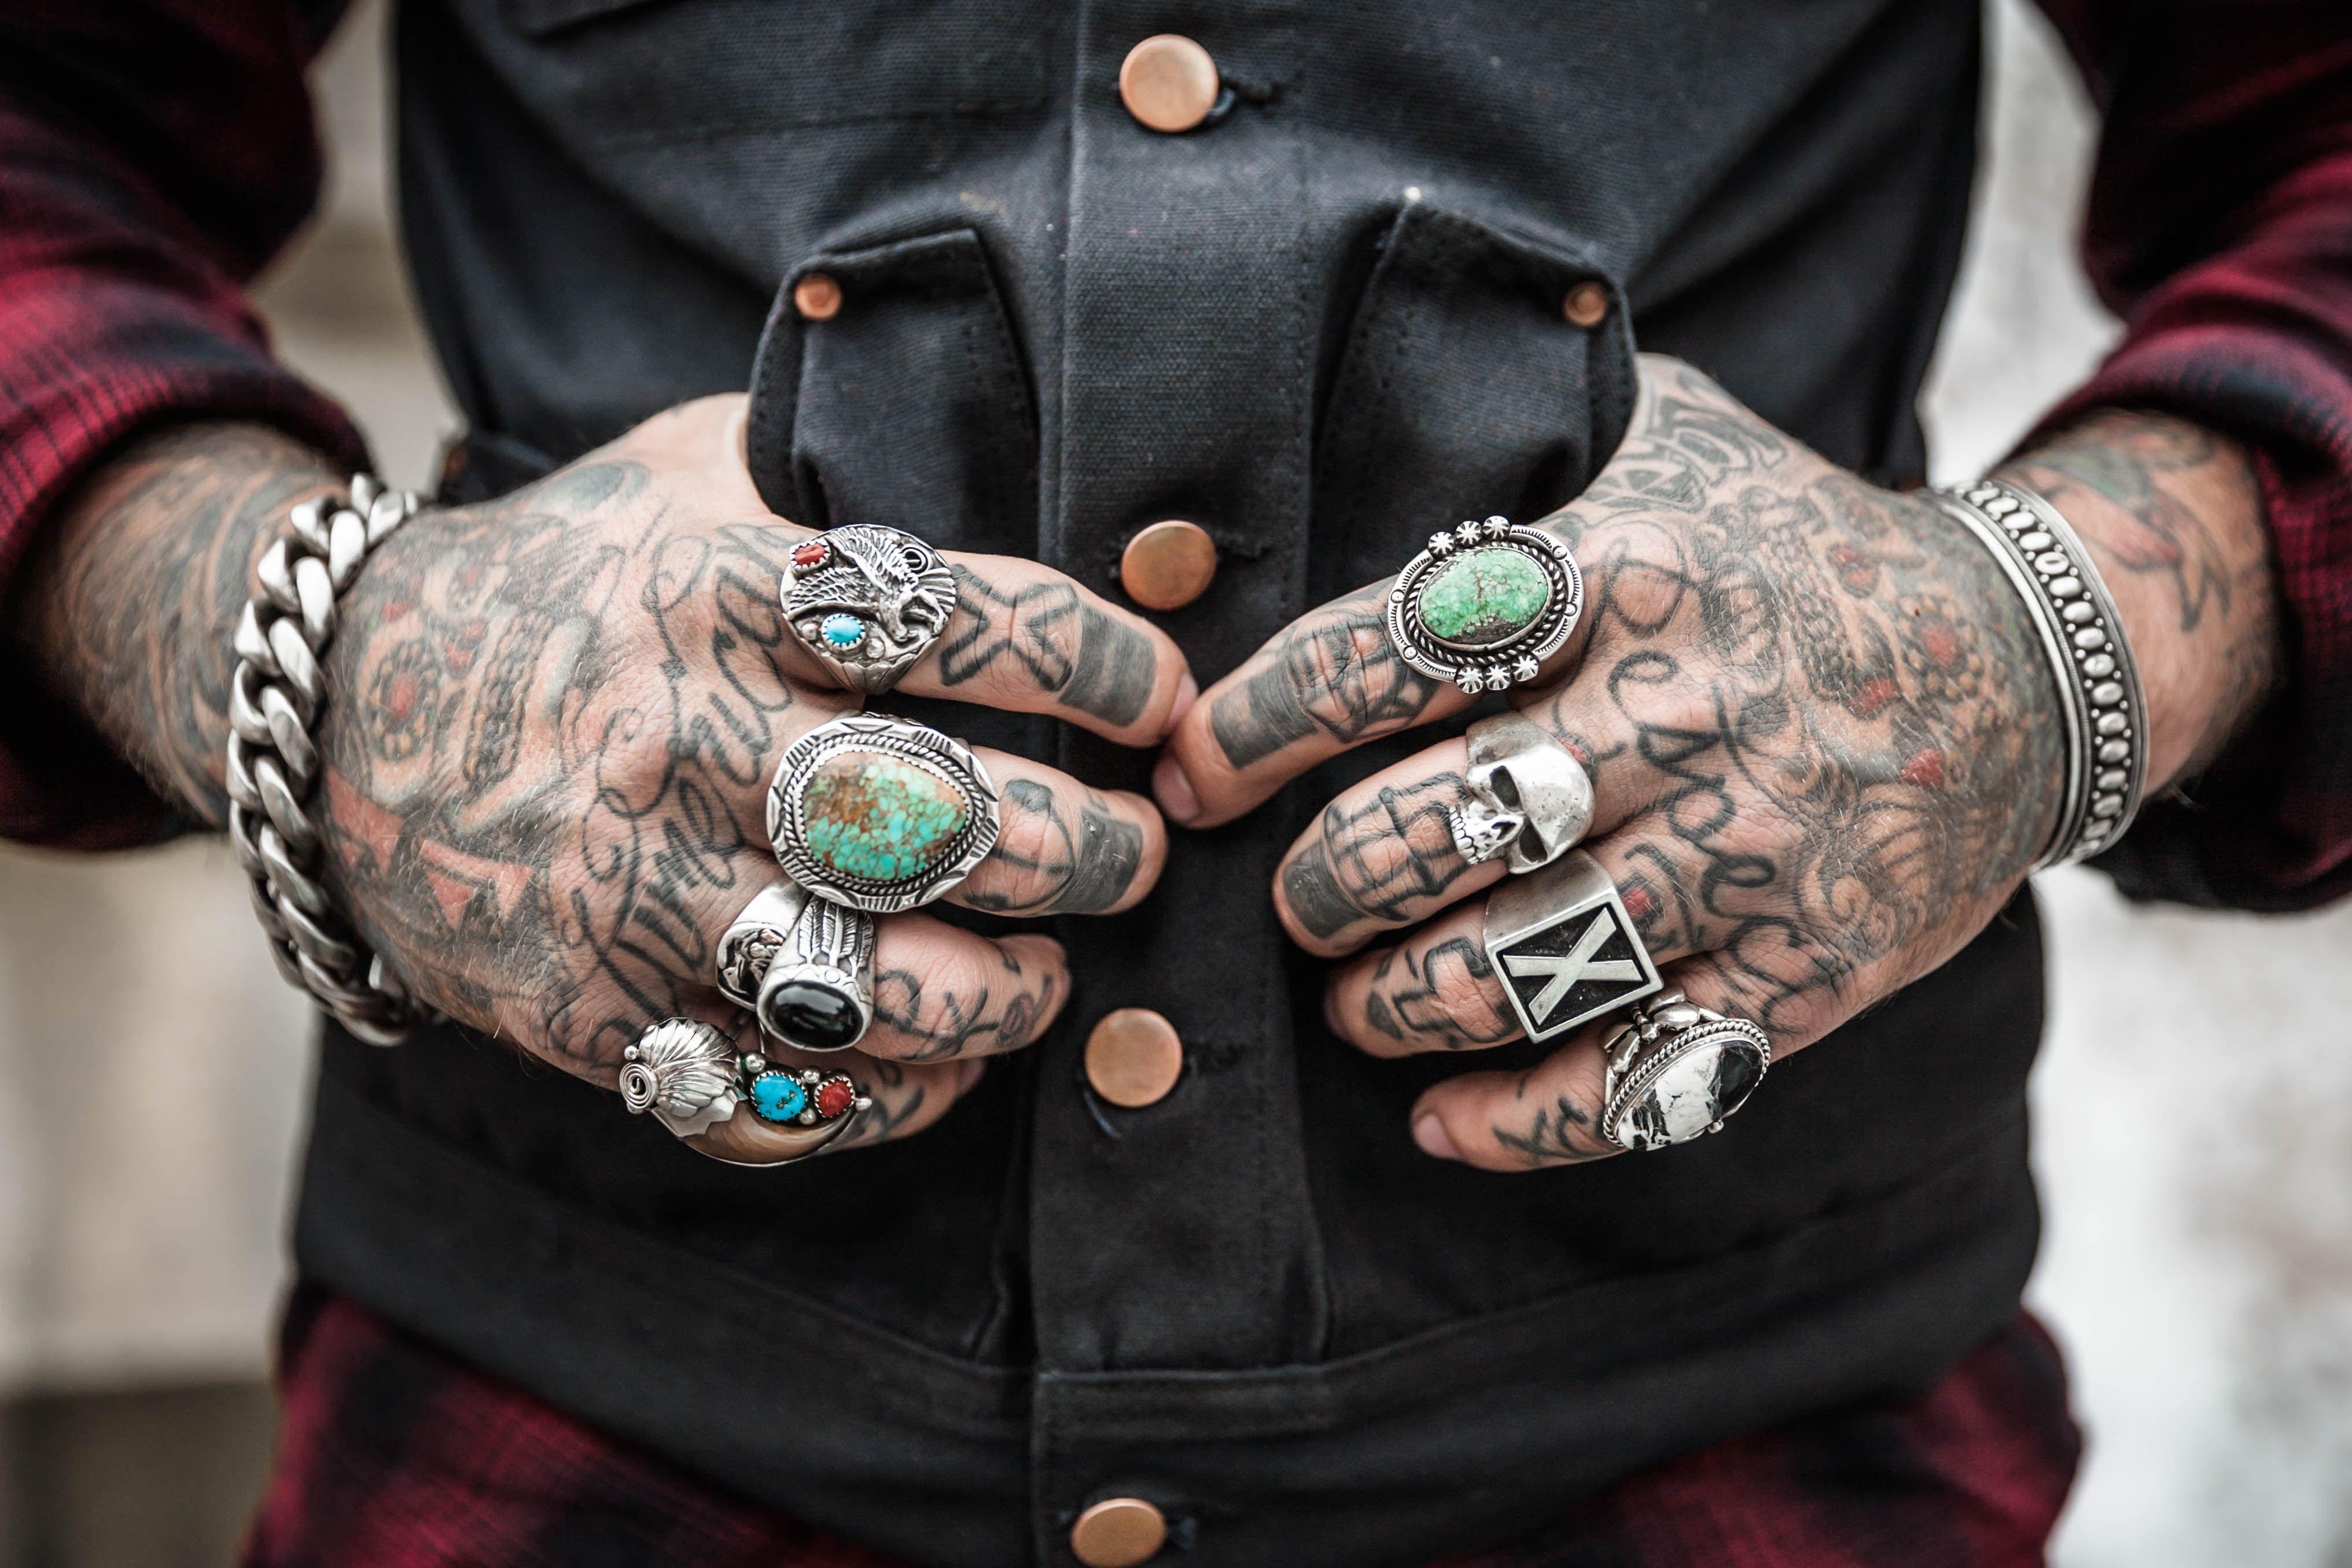 1001 Tatuajes Con Significado Pequeños De Mujer De Hombre